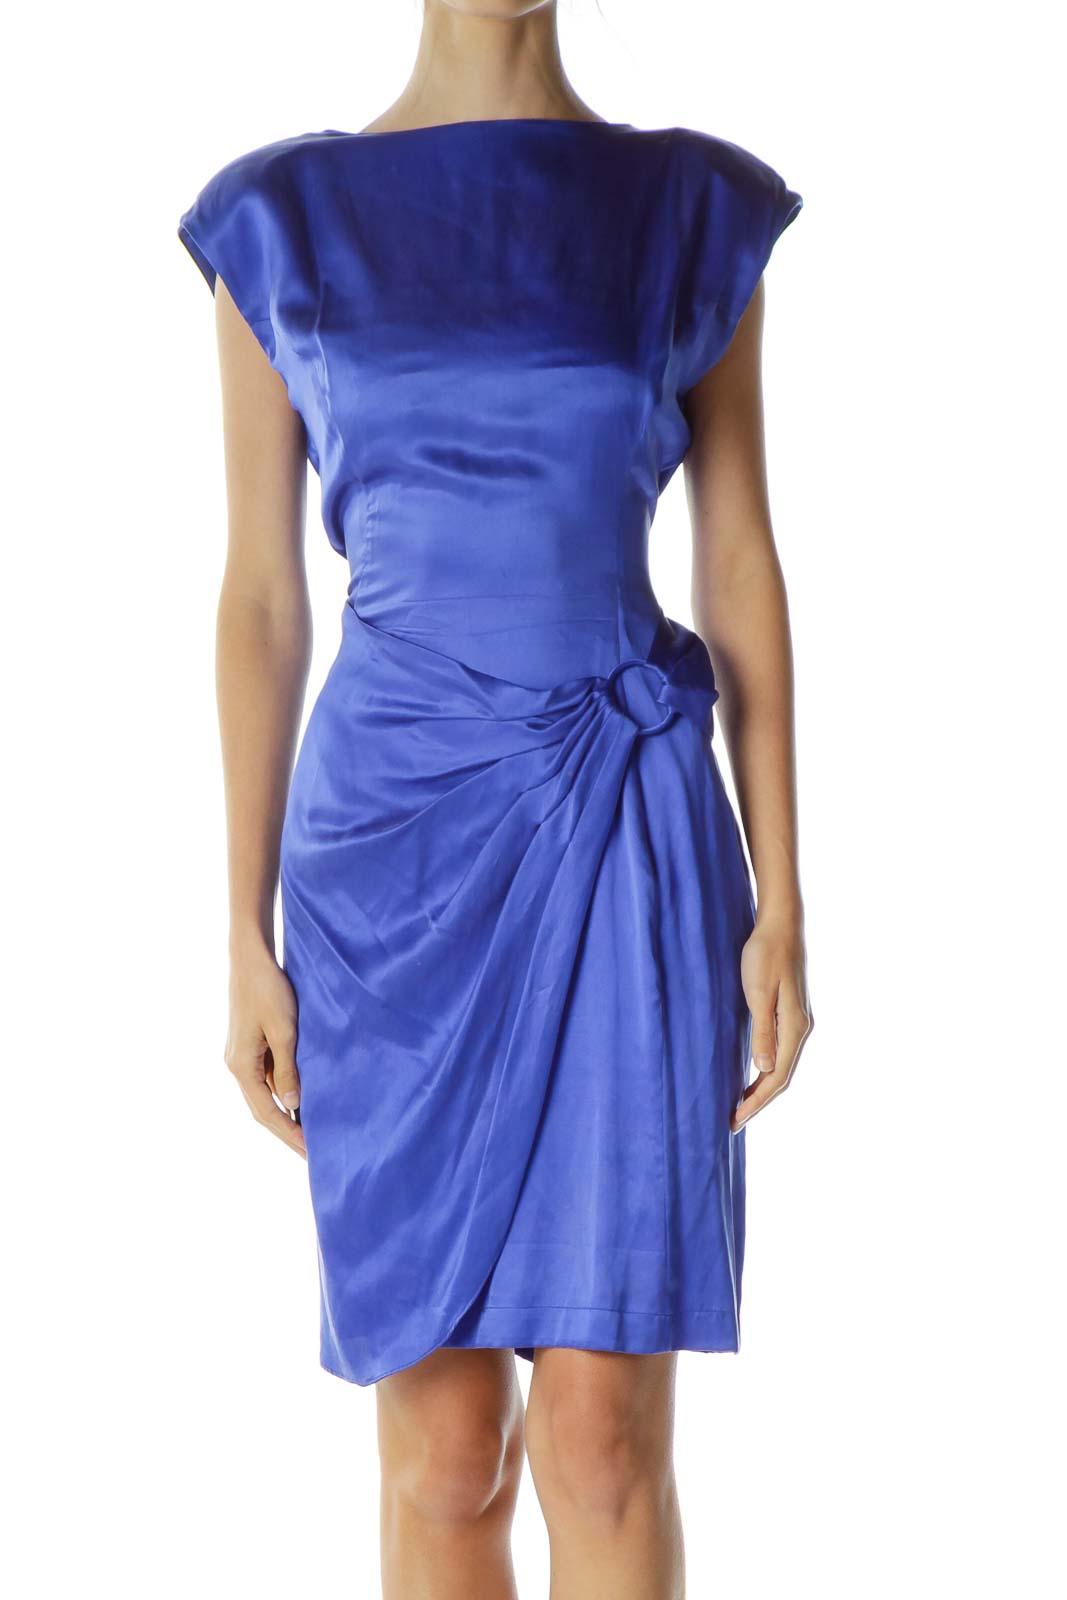 Blue Vintage Wrap Cocktail Dress